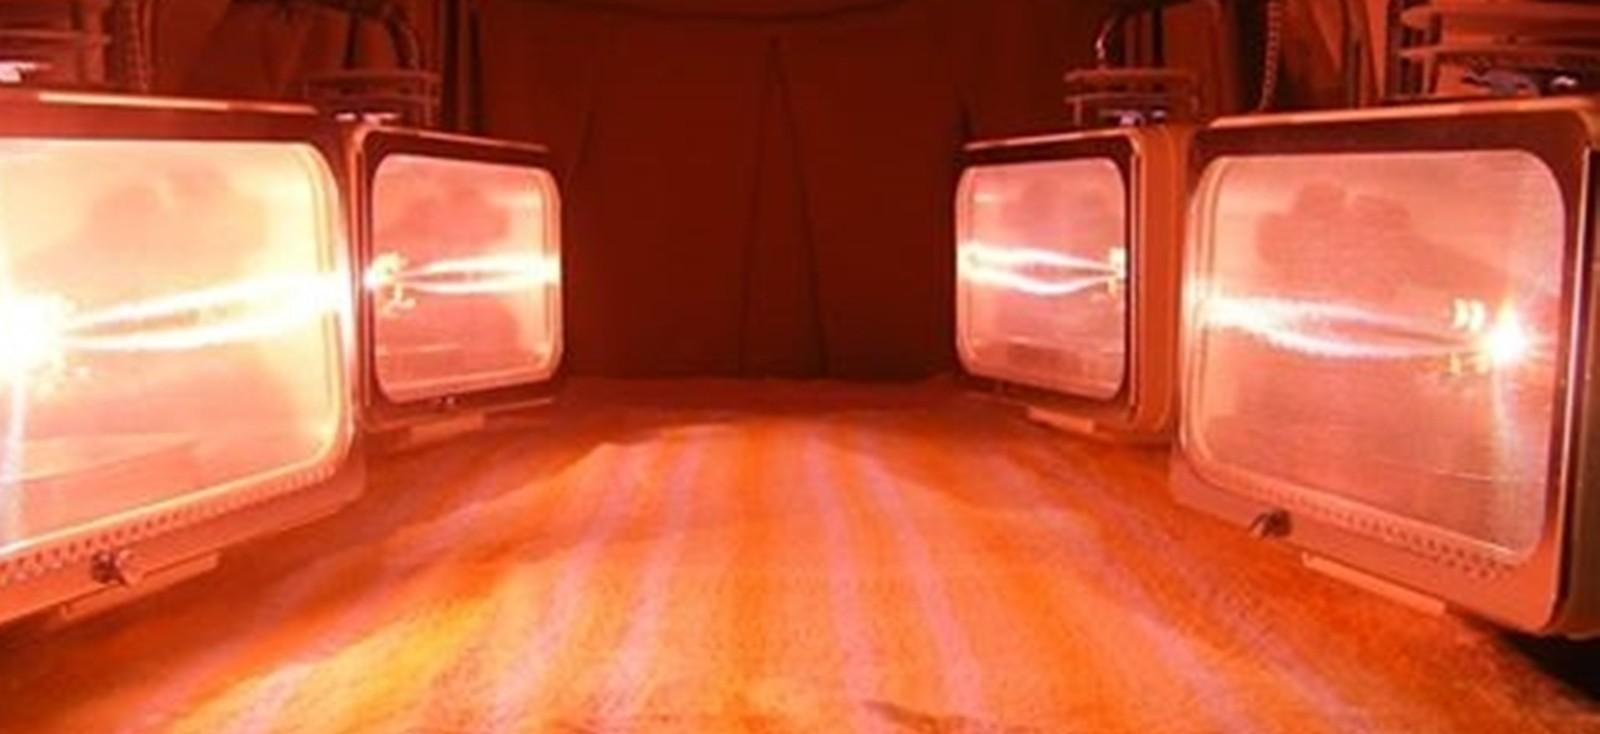 アーク光線療法はドーム式全身照射対応